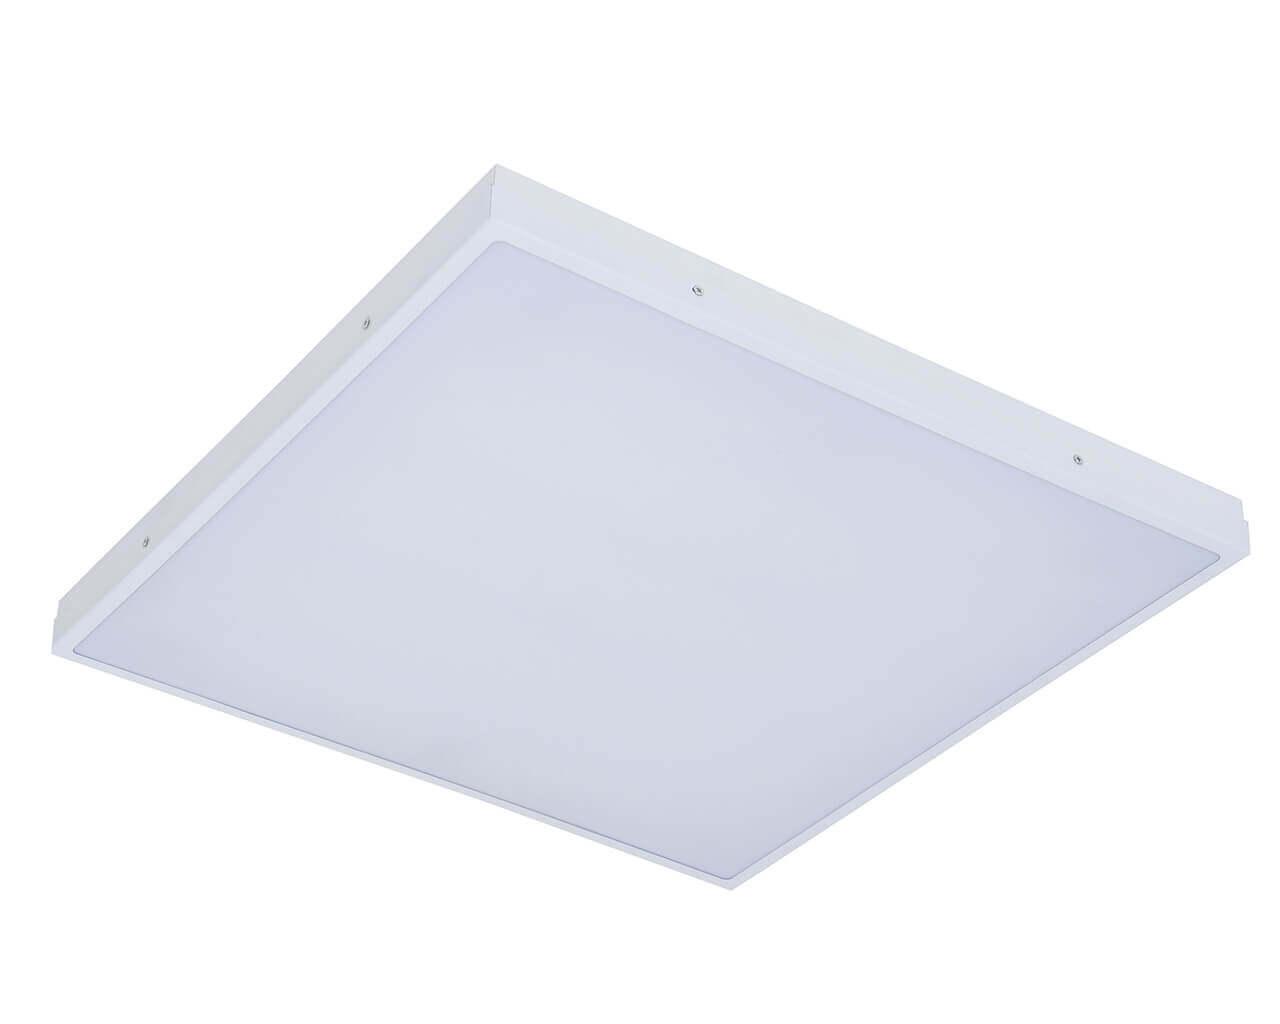 Универсальный светильник LC-USIP-80-OP 595*595 Теплый белый Опал